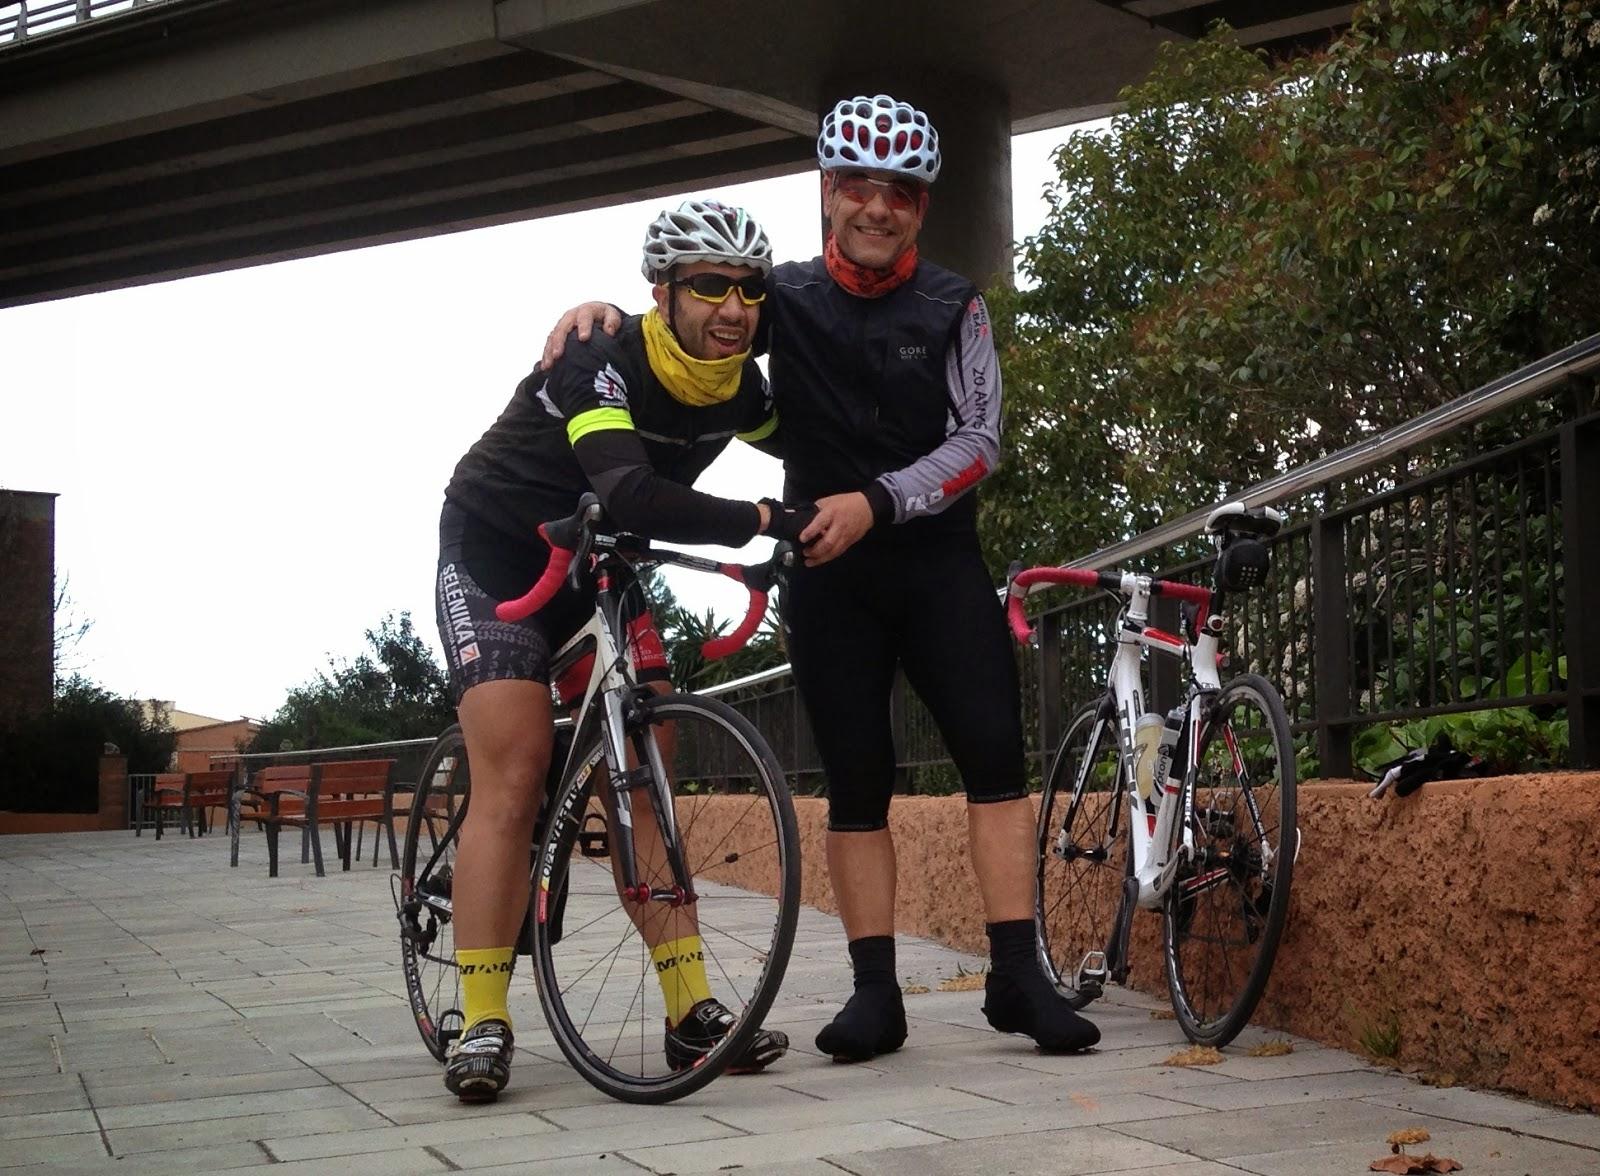 Edad para la bici Fuente: amistadciclismoyvida.blogspot.com